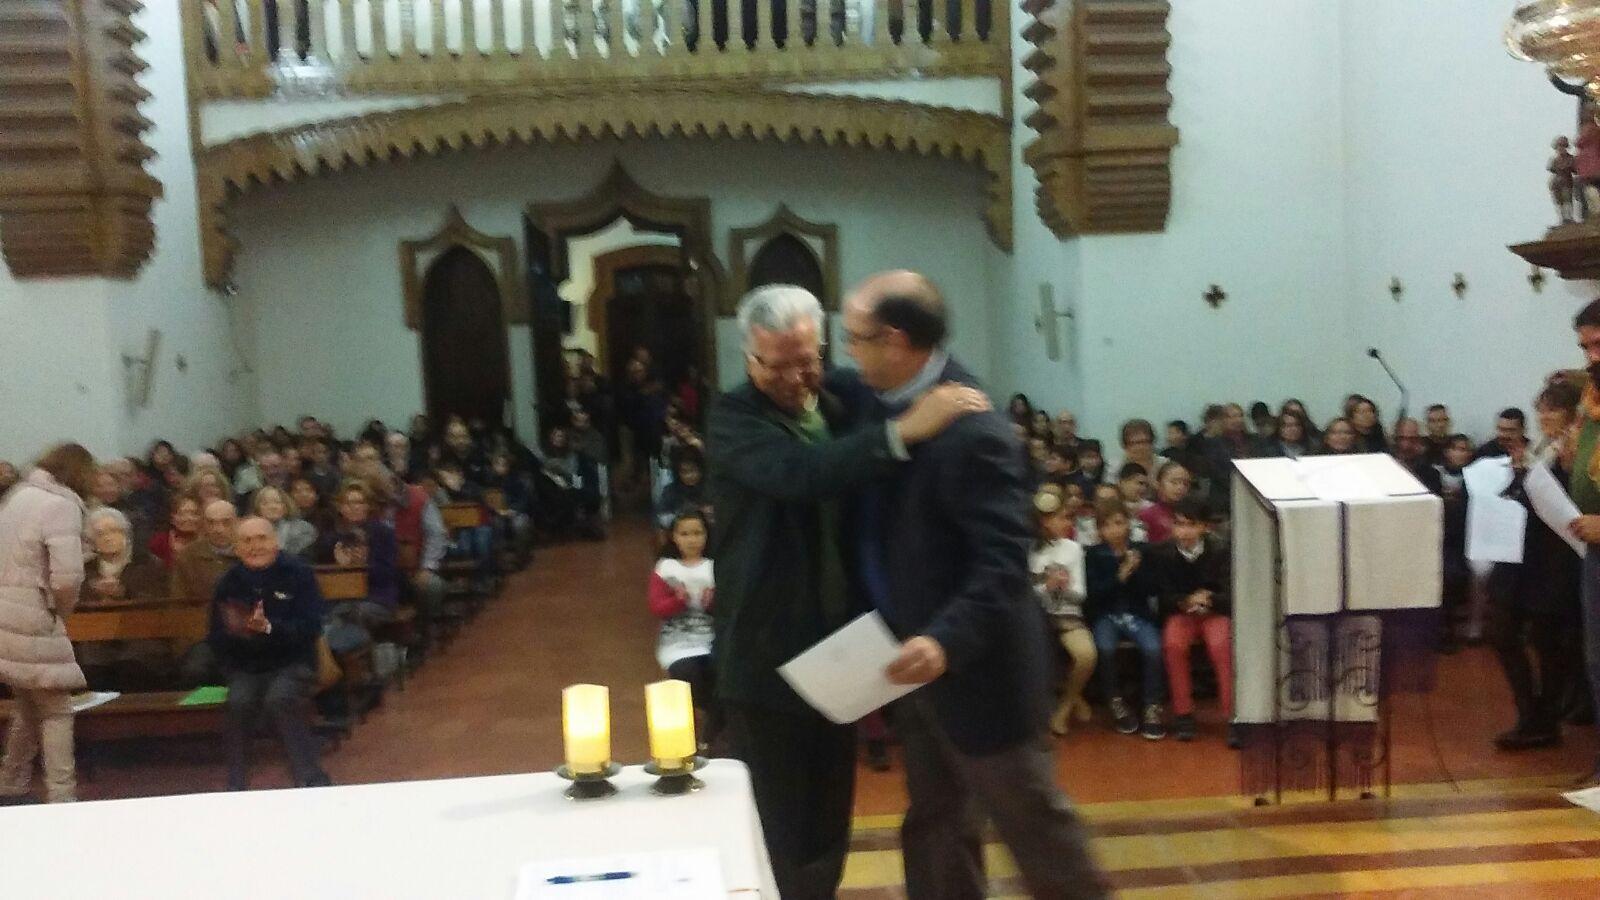 Francisco Martin Reina, recibido como Signum Fidei por el Hno Visitador Auxiliar